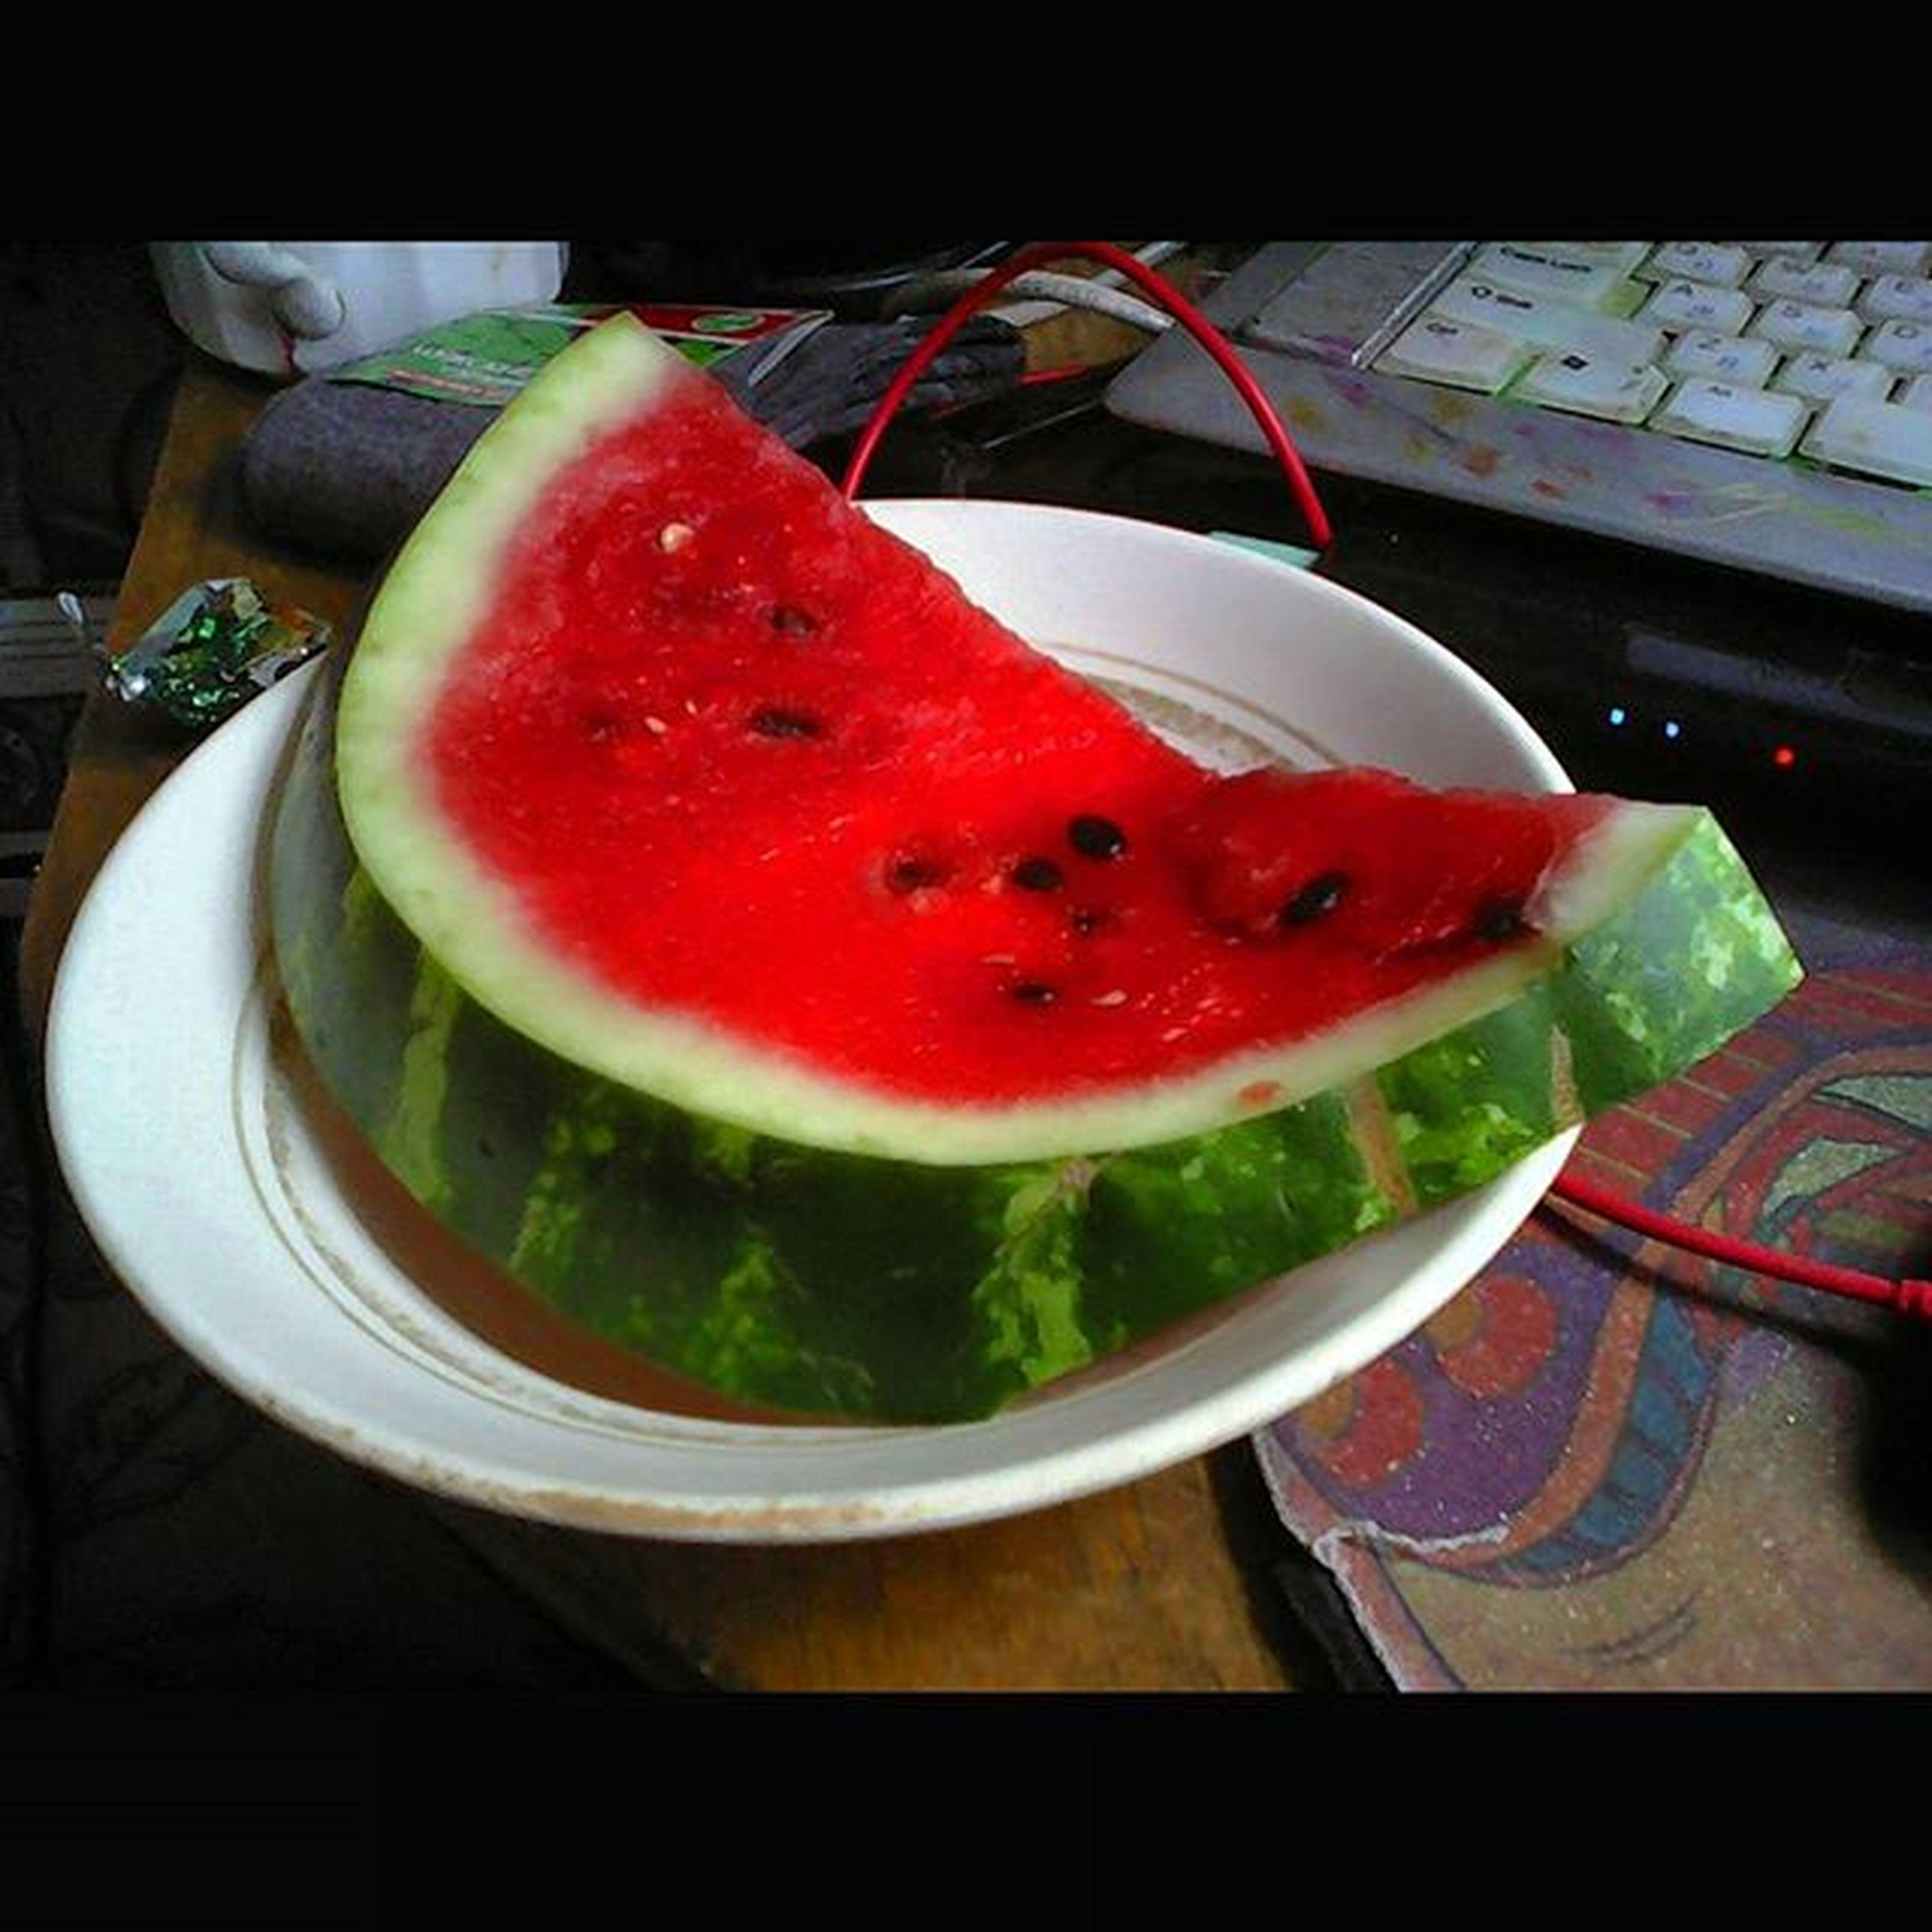 Арбузный август объявляю открытым официально! Даёшь поедание вкусной вкуснятины! Вкусный арбуз попался! Архив2015ОК_ АрбузныйАвгуст инстаграмдляеды ВкуснаяВкуснятина НеЗаинстаграмилНеПоел Арбуз АрбузОченьВкусный Tasty Delisious Watermelon Foodgasm Foodporn WatermelonSeason SquareInstaPic